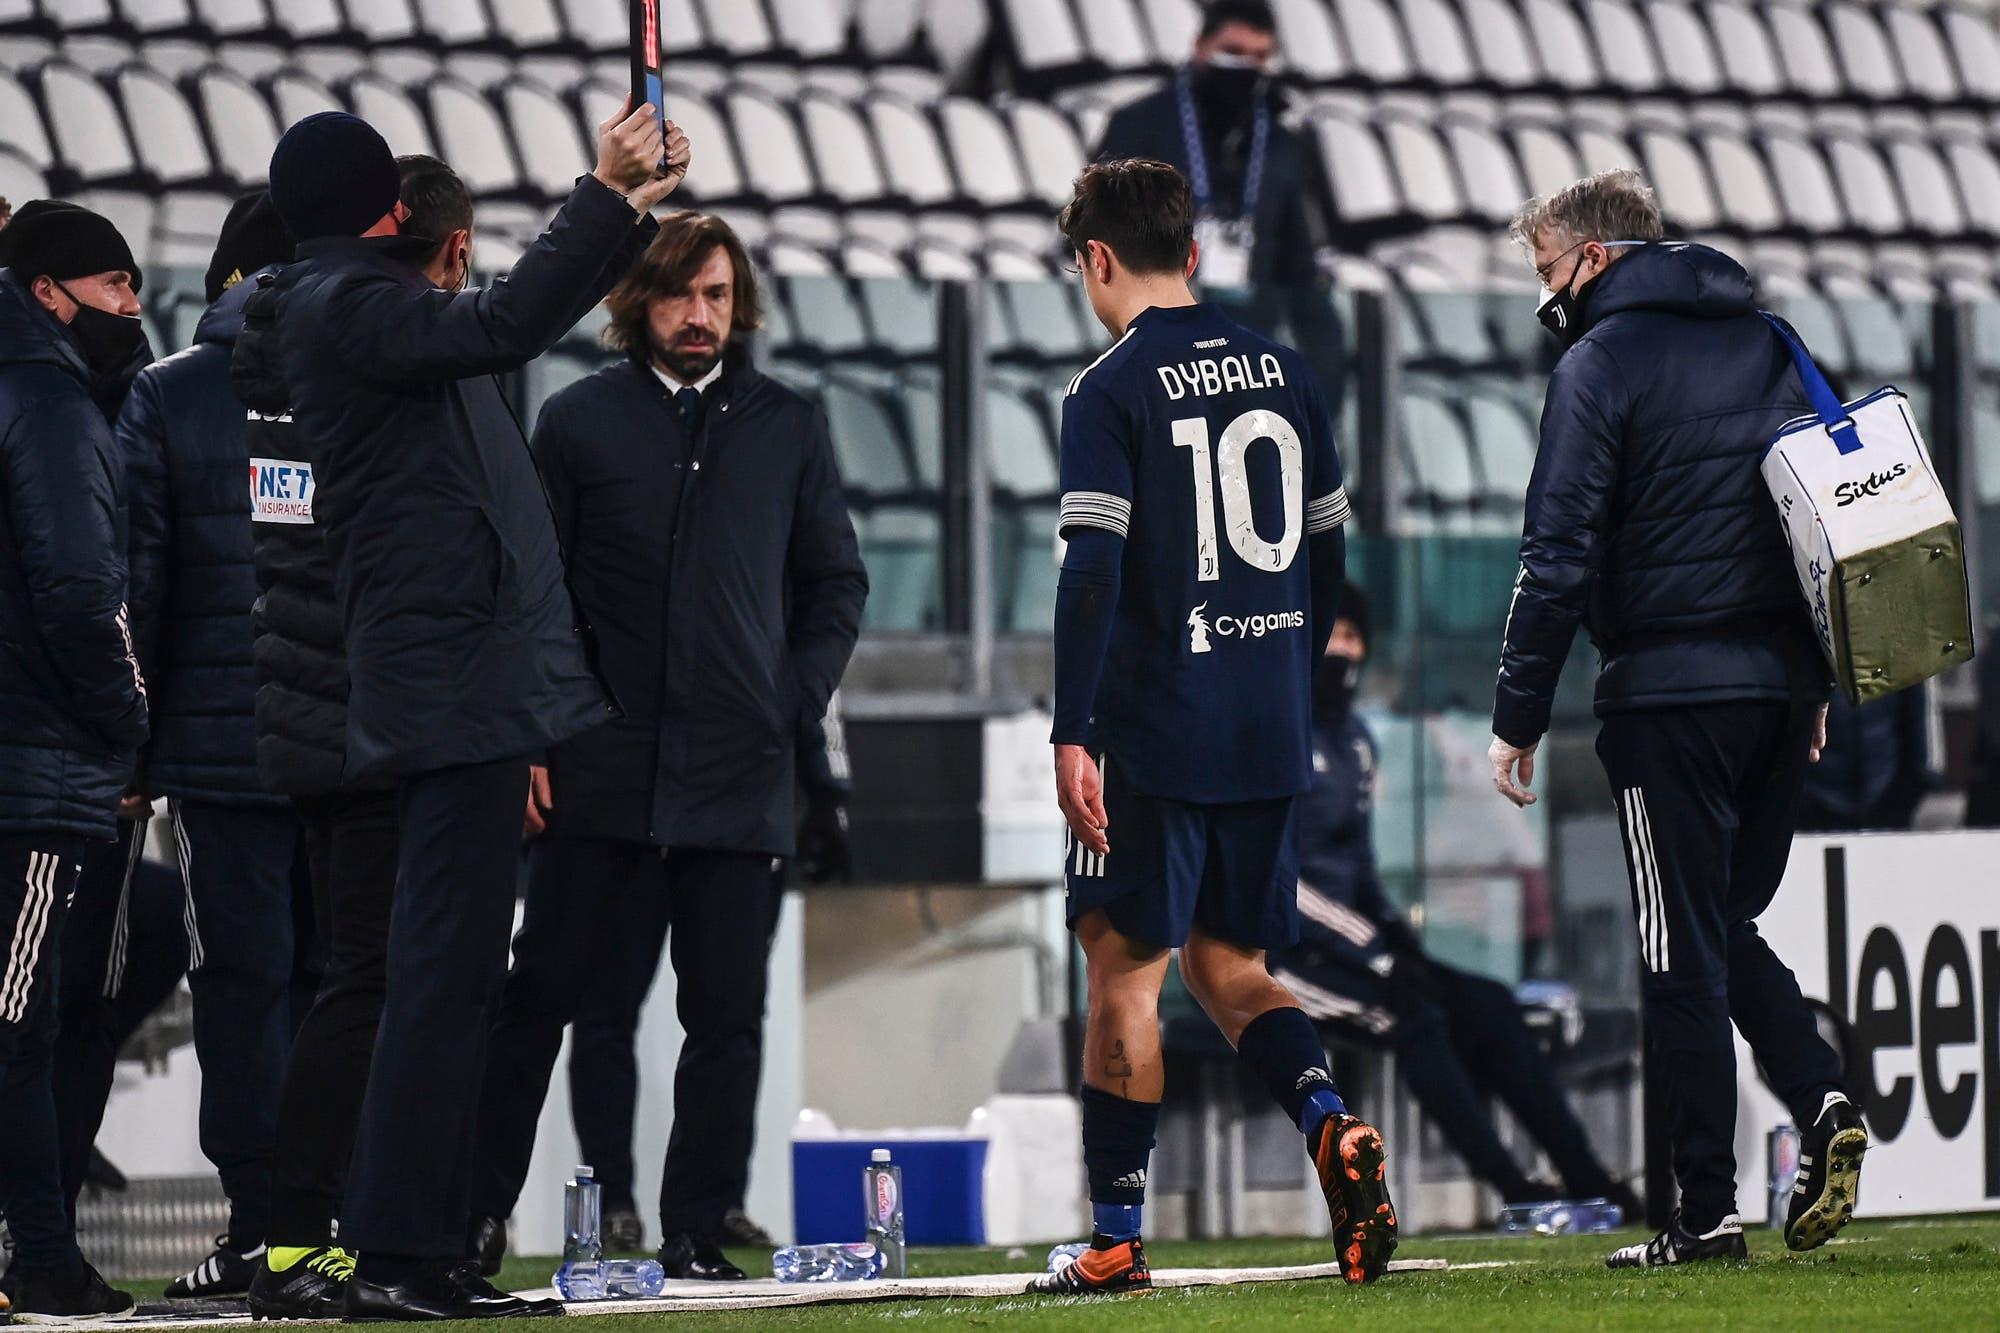 Juventus: Paulo Dybala salió lesionado en el partido que Cristiano alcanzó el récord goleador mundial